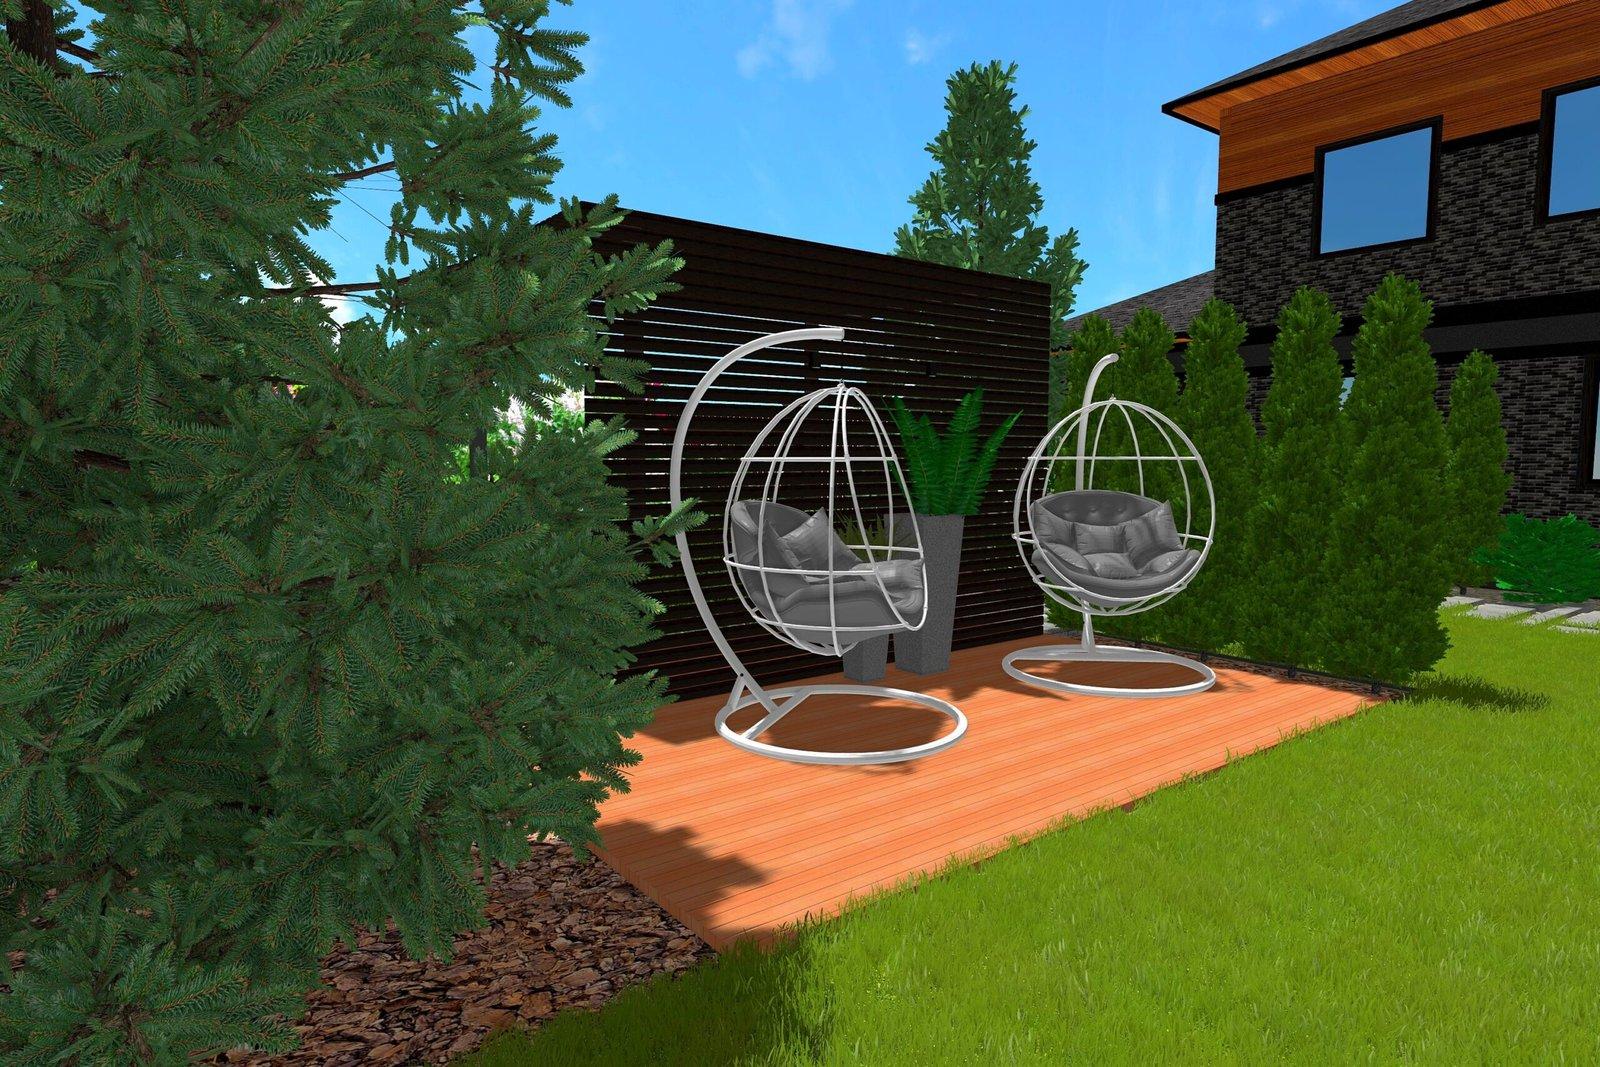 Проект ландшафтный дизайн 32 соток Киев, проектирование ландшафтный дизайн 32 соток Киев, заказать проект ландшафтный дизайн 32 соток Киев